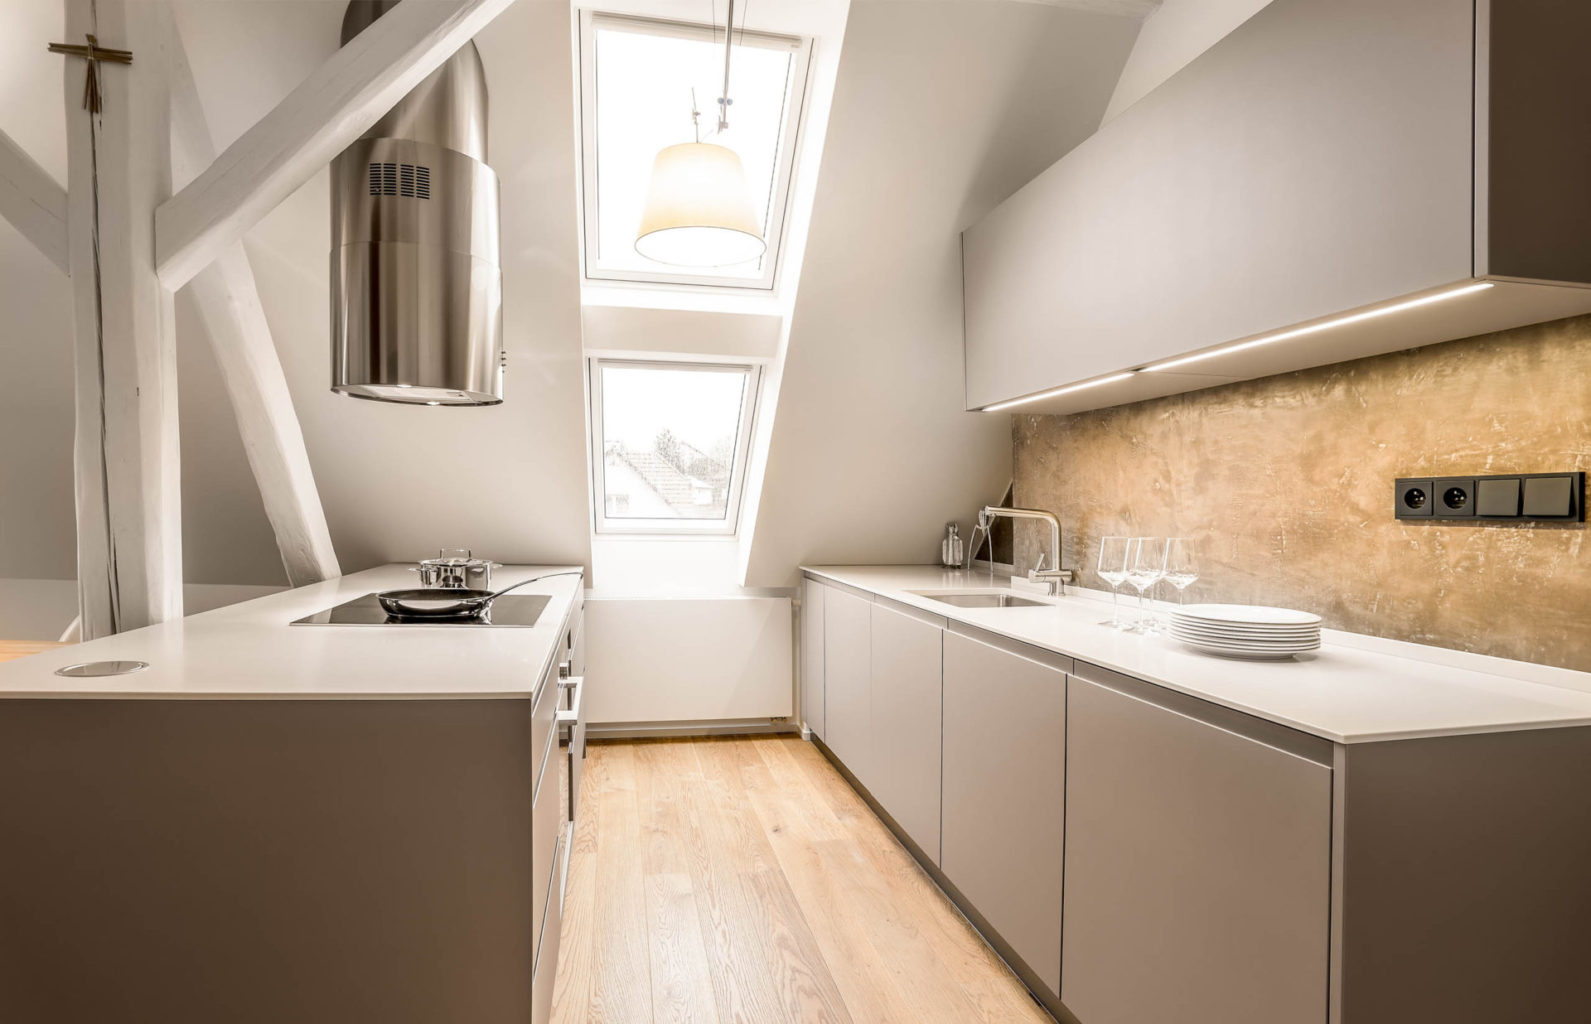 moderni kuchyne do maleho bytu v provedeni mat odolny vuci necistote